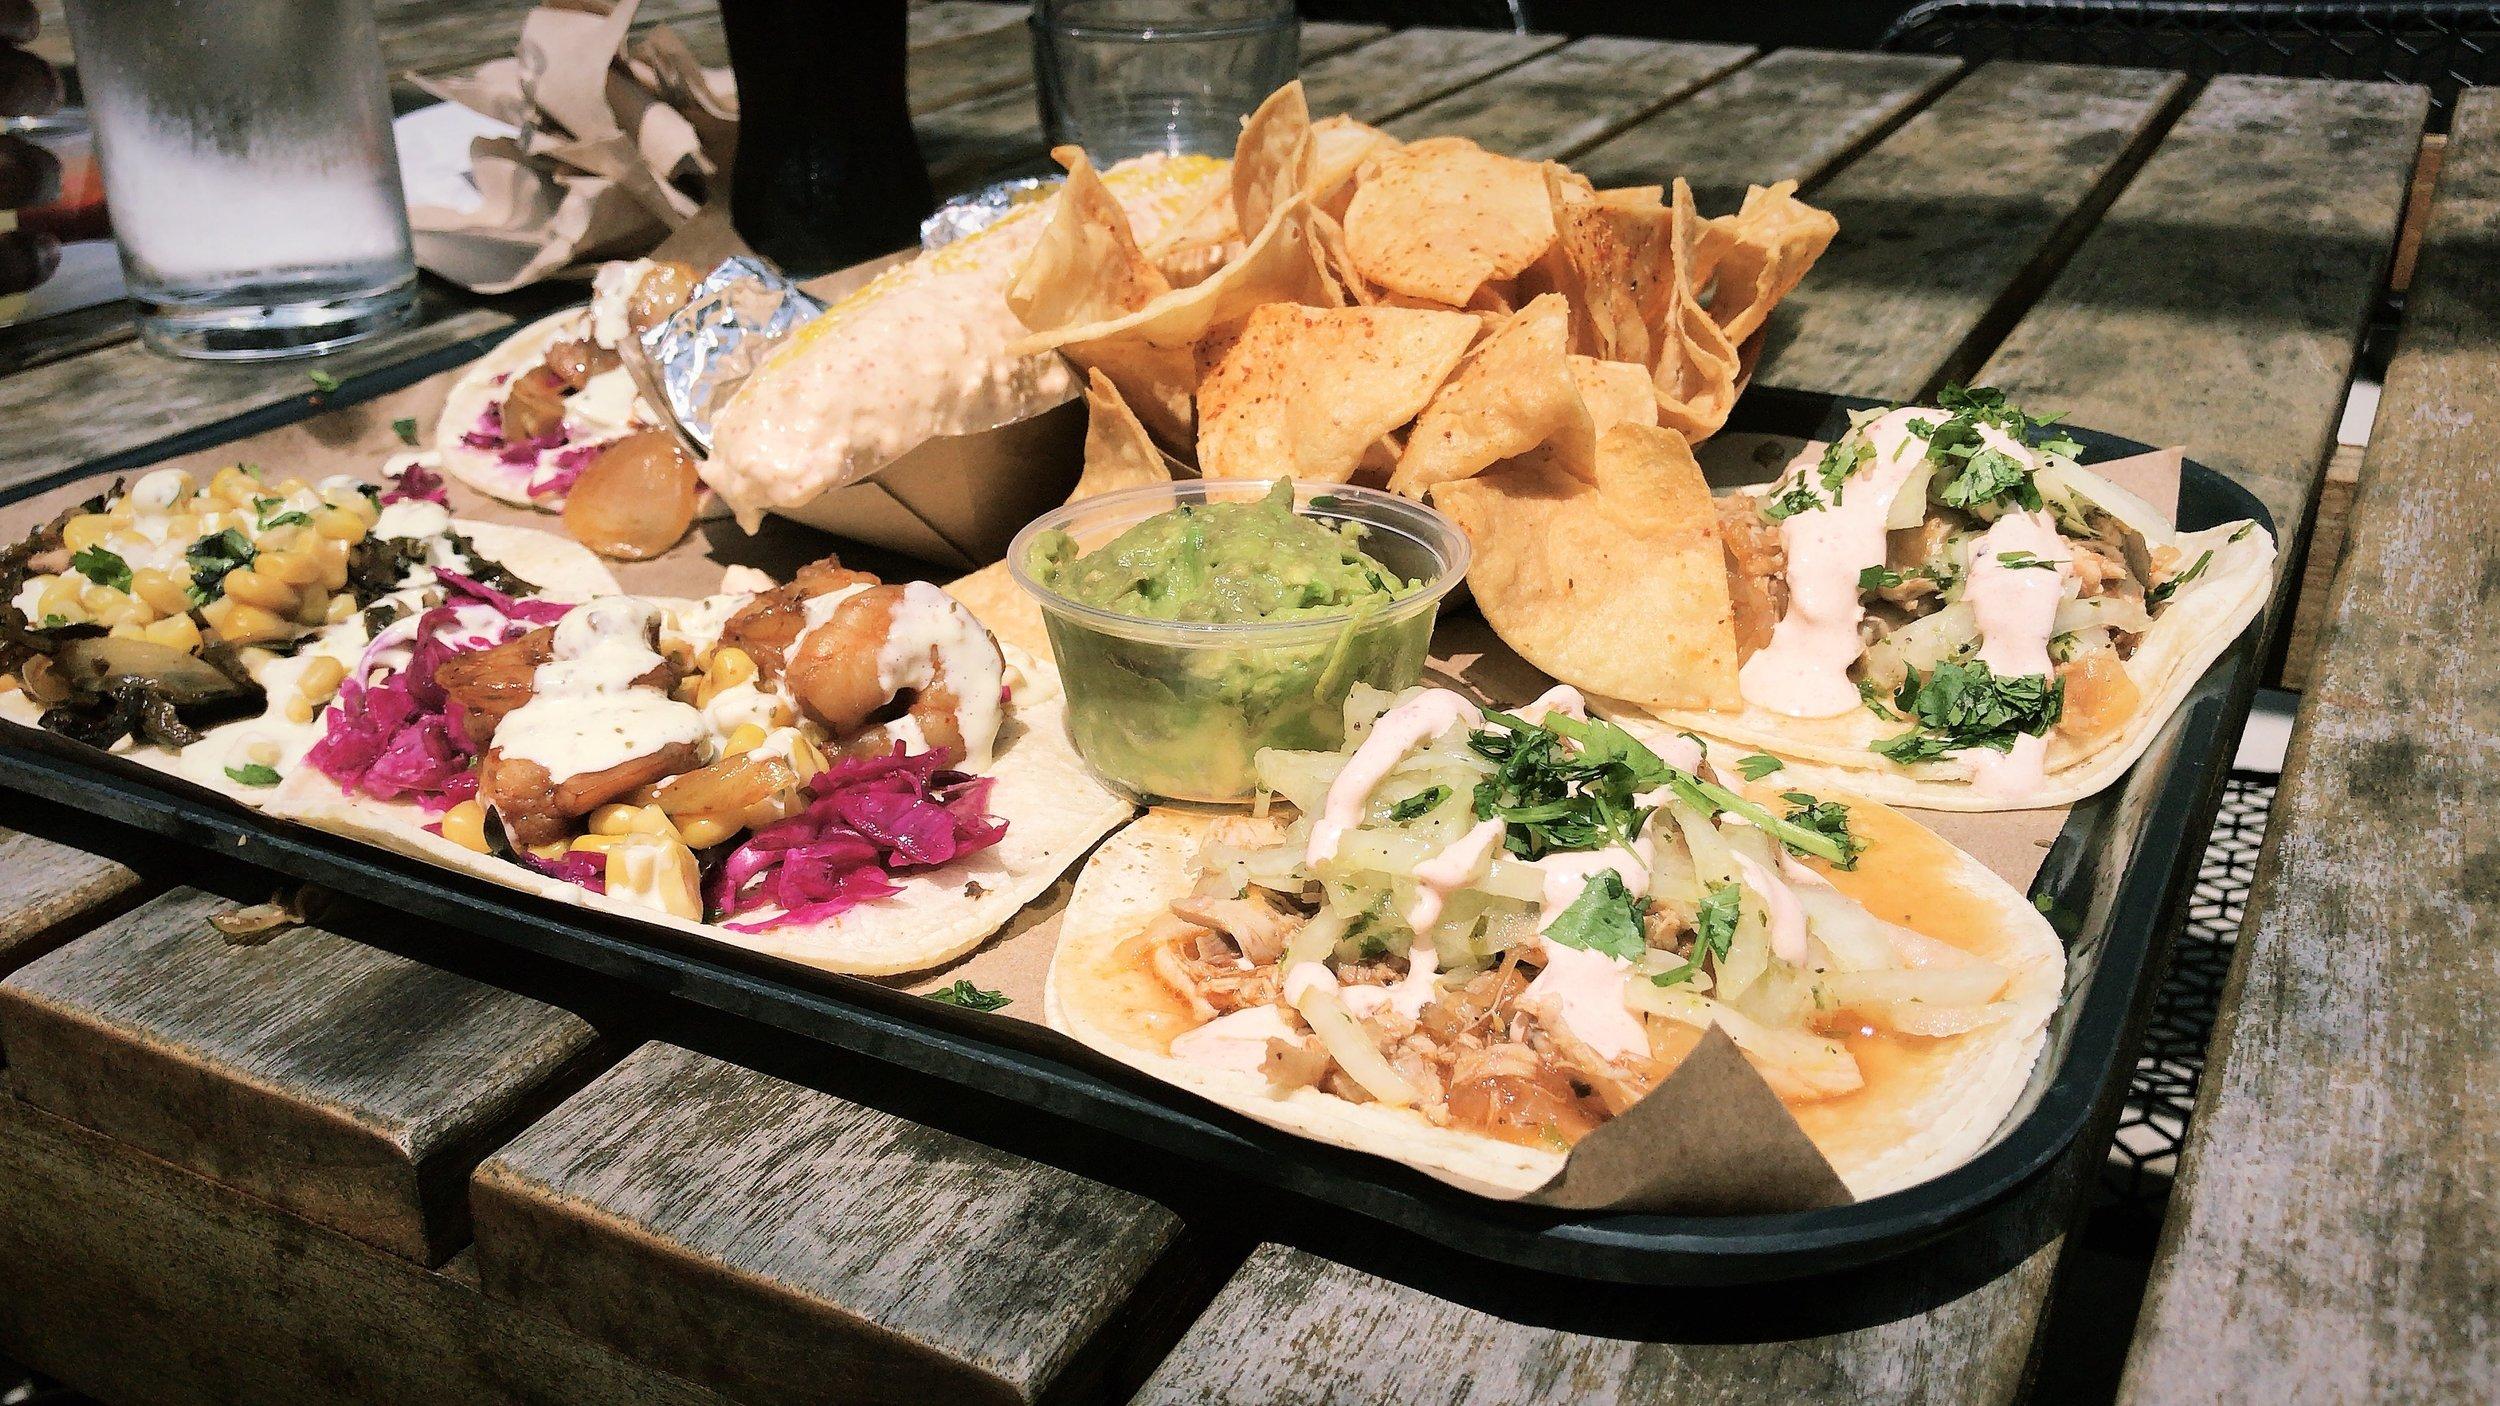 Amano Taco - Guac + Chips, & Shrimp + Chicken tacos